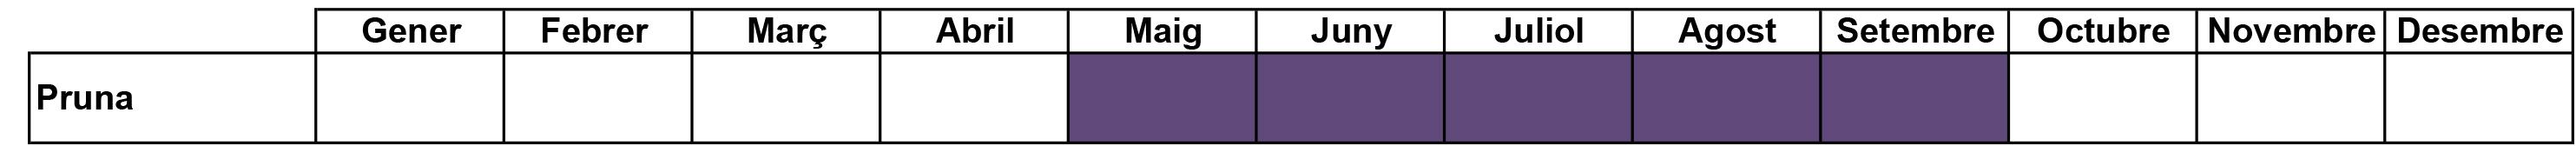 01- Calendari Pruna